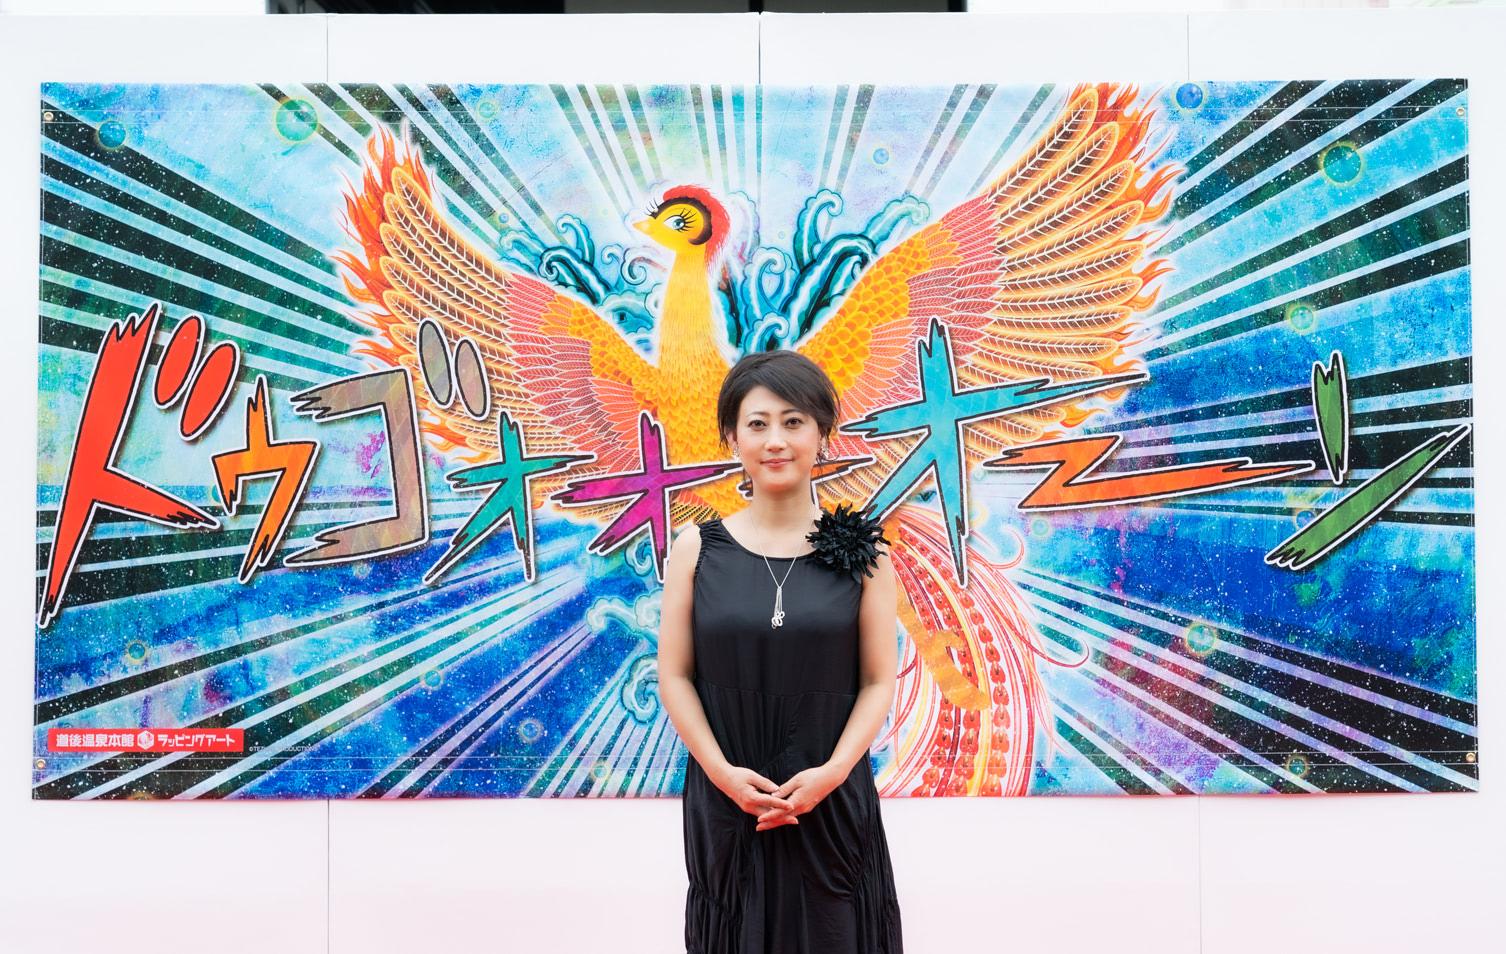 発表会には友近が登壇。「火の鳥、到来」のウォールアートを除幕。地元への熱い想いを語った。 (C)TEZUKA PRODUCTIONS